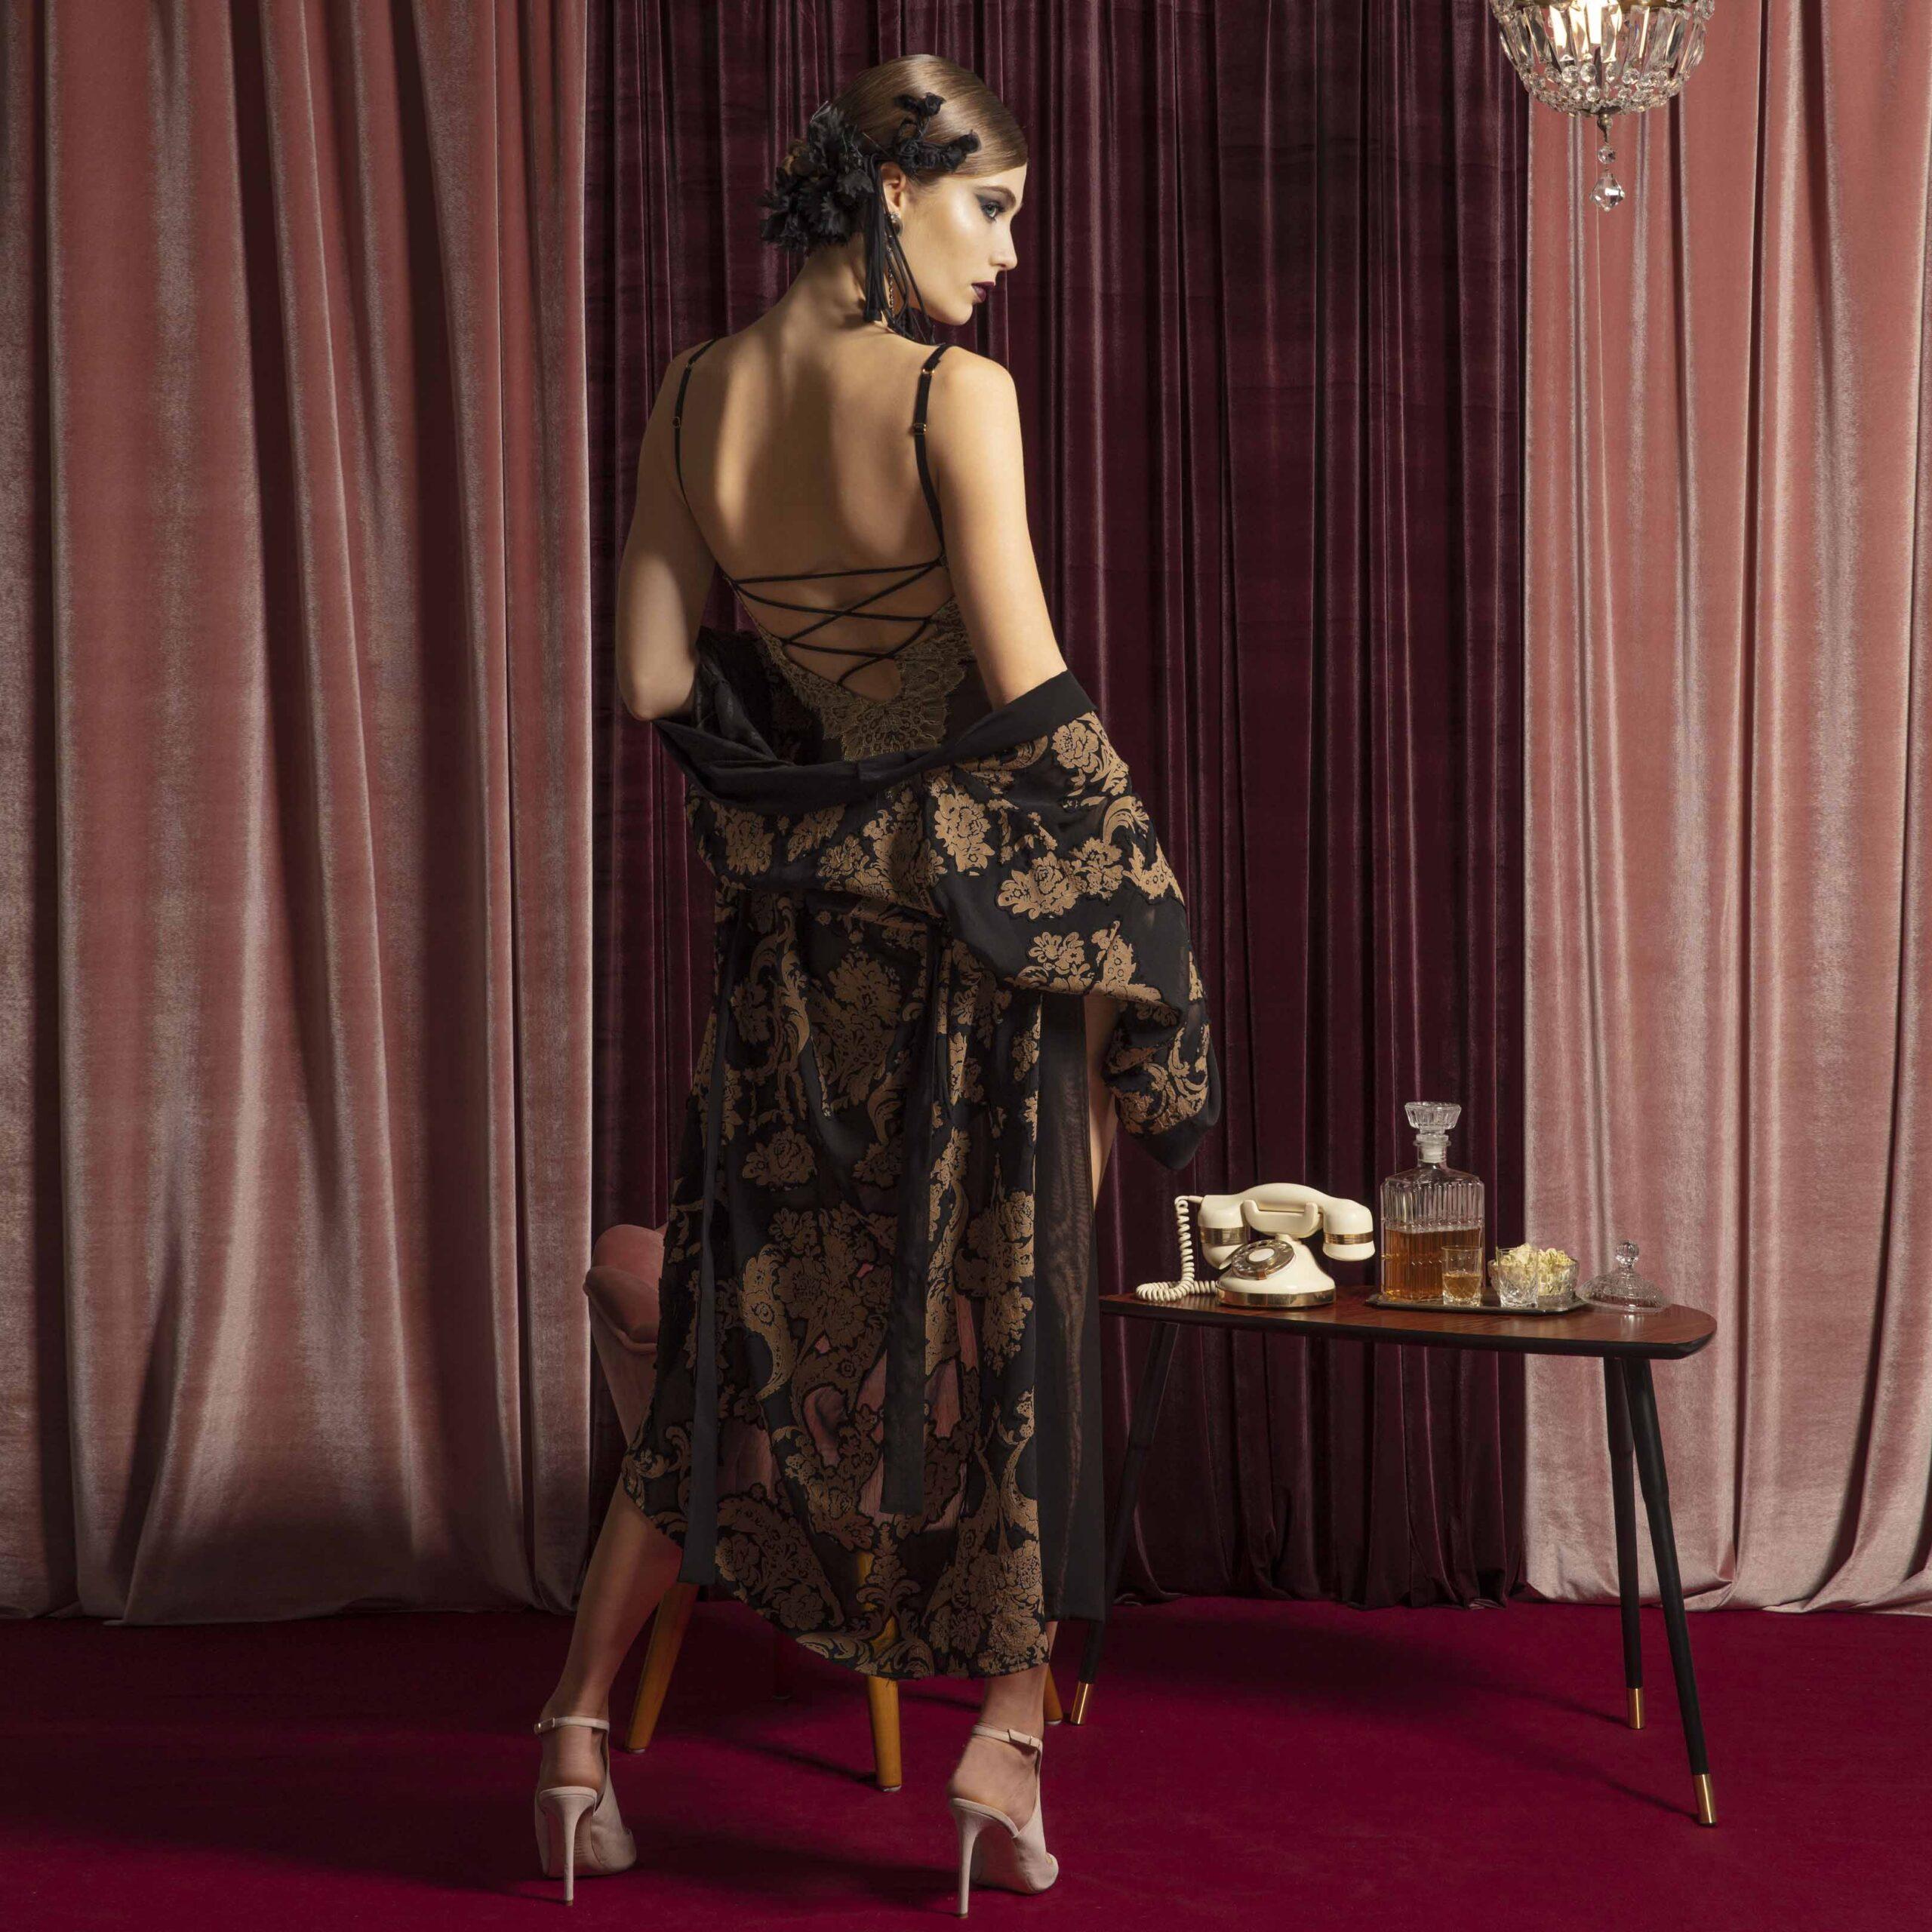 babydollo-kimono-nero-valery-prestige-lingerie-donna-autunno-inverno-2022